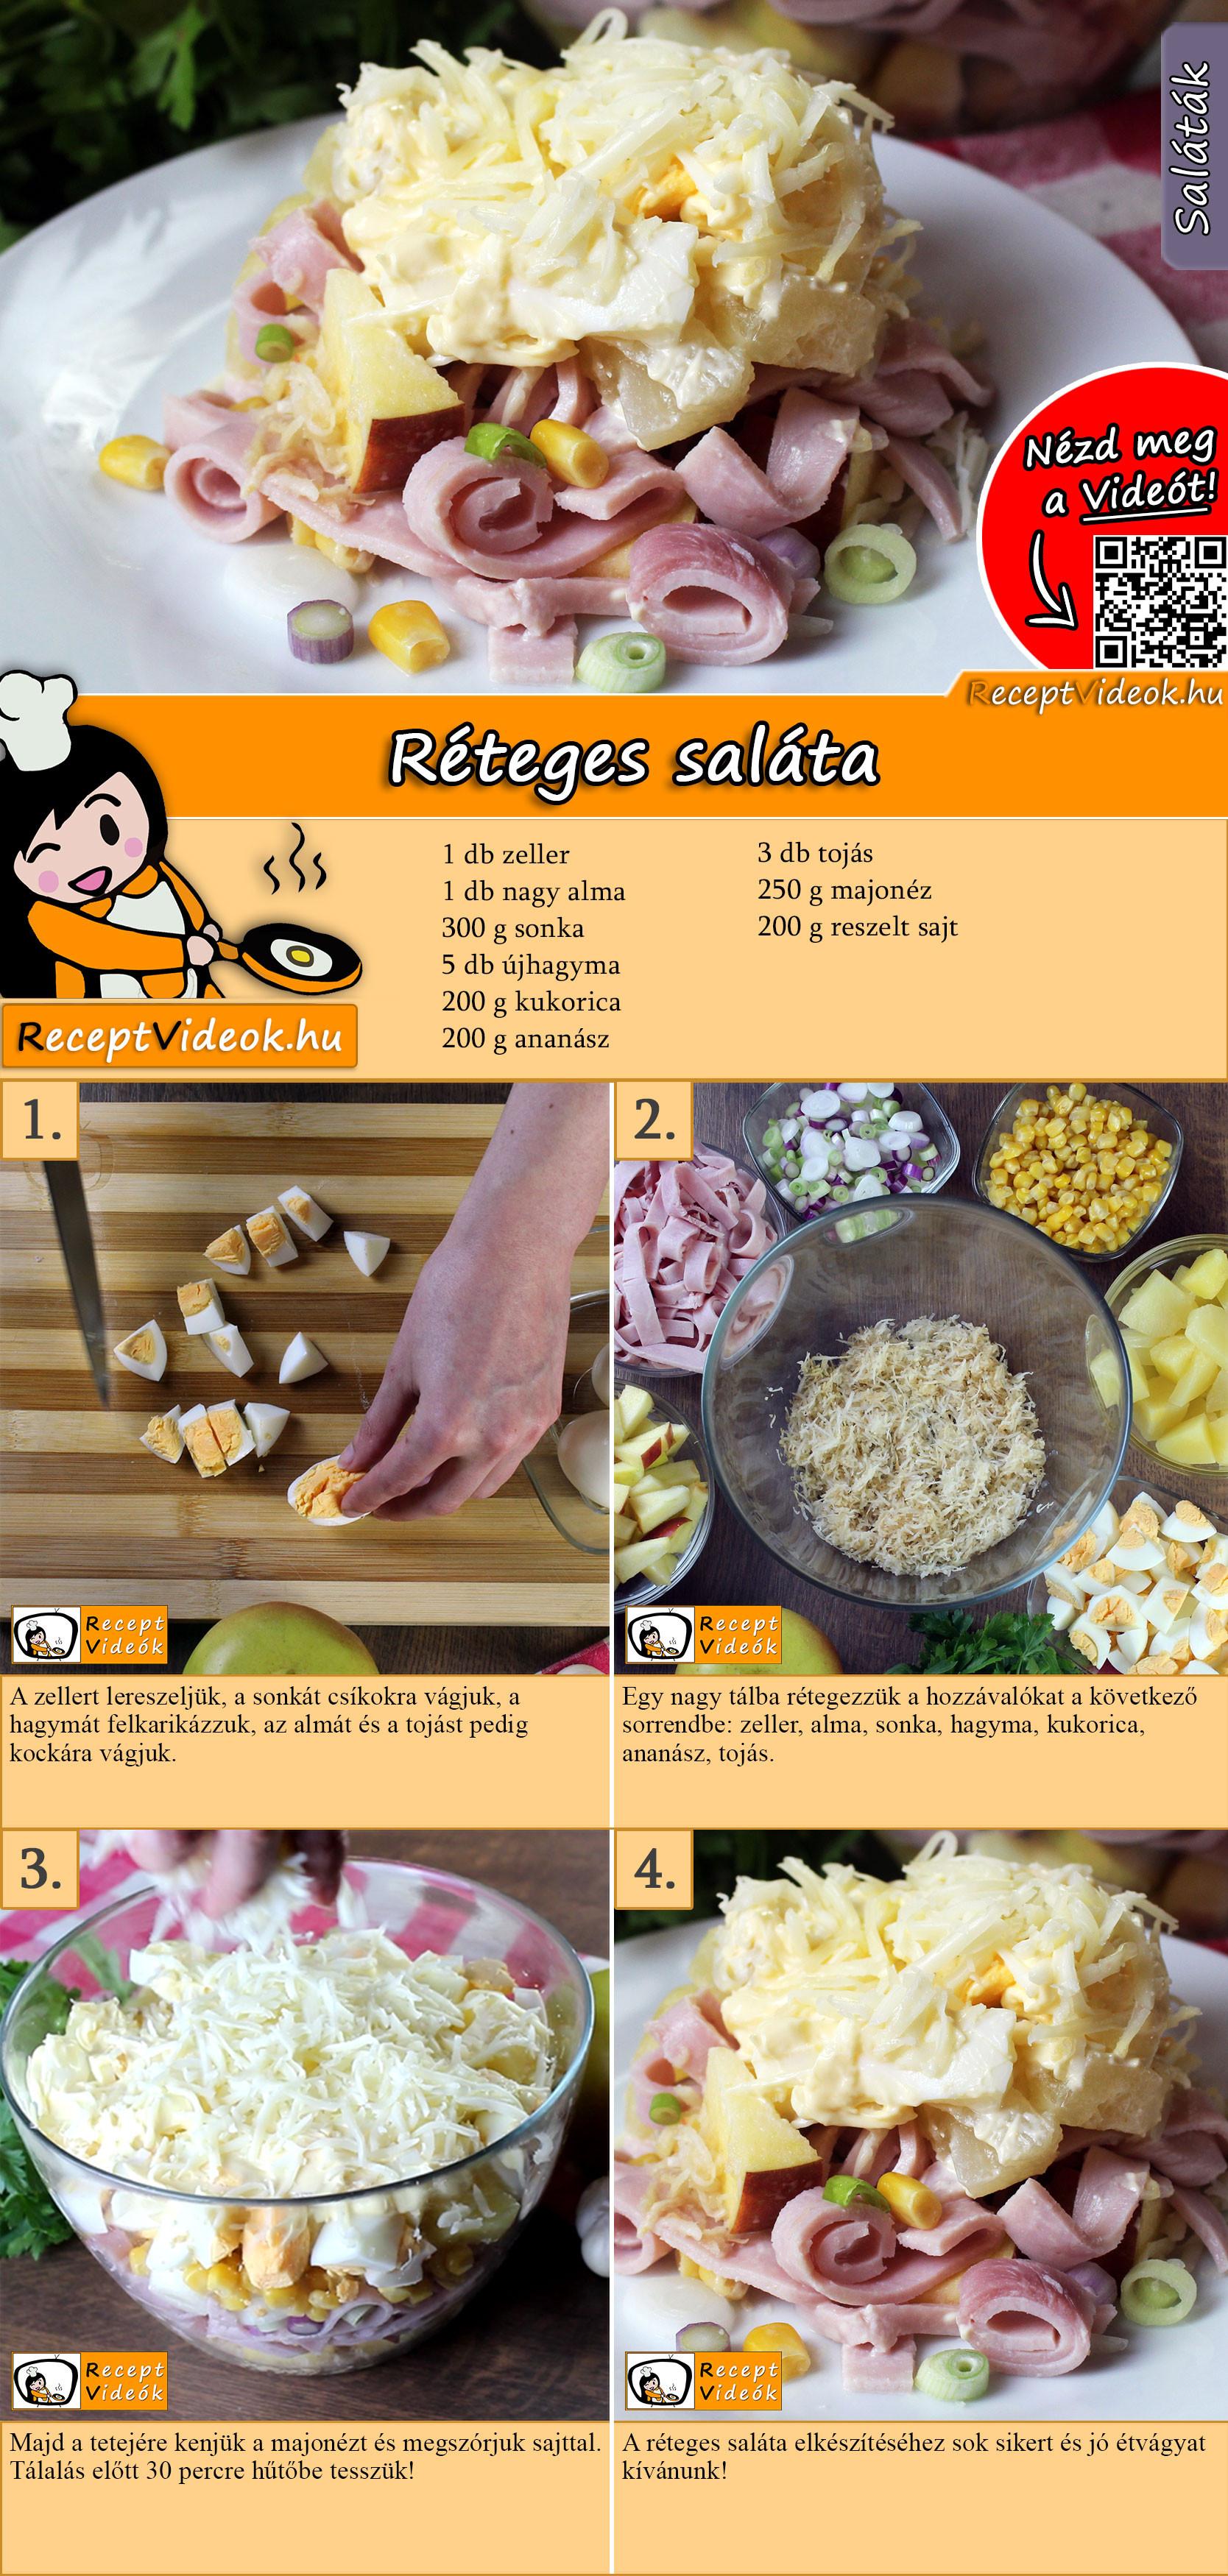 Réteges saláta recept elkészítése videóval